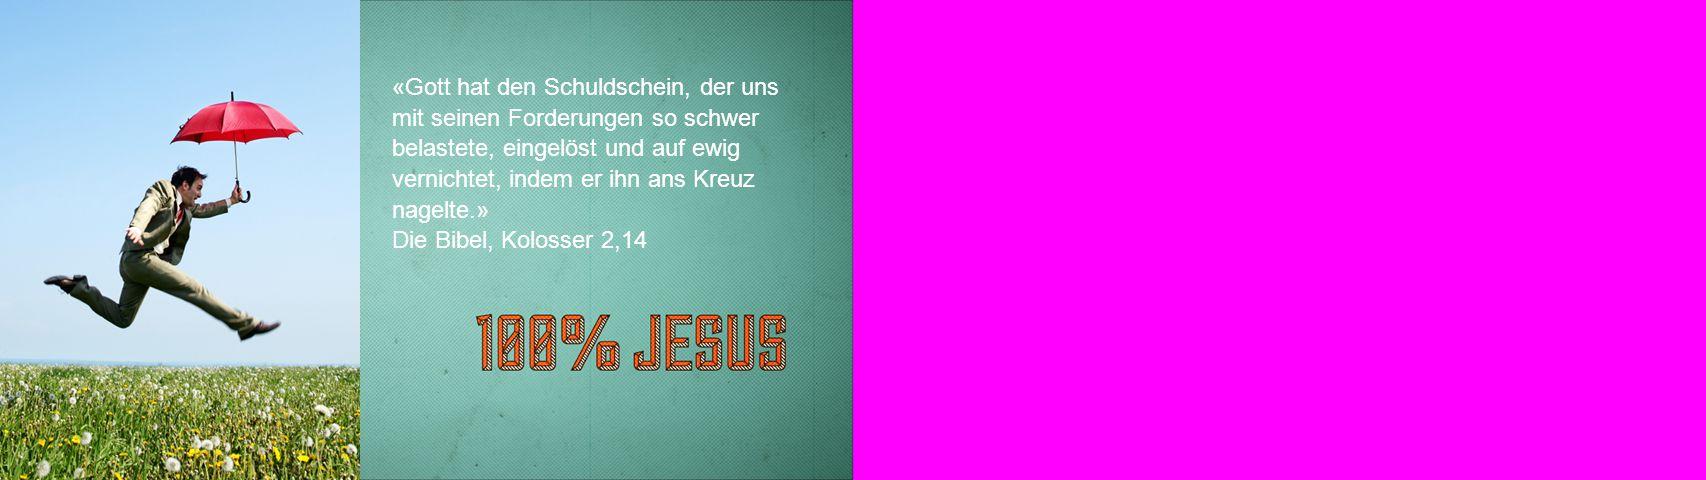 «Gott hat den Schuldschein, der uns mit seinen Forderungen so schwer belastete, eingelöst und auf ewig vernichtet, indem er ihn ans Kreuz nagelte.» Di